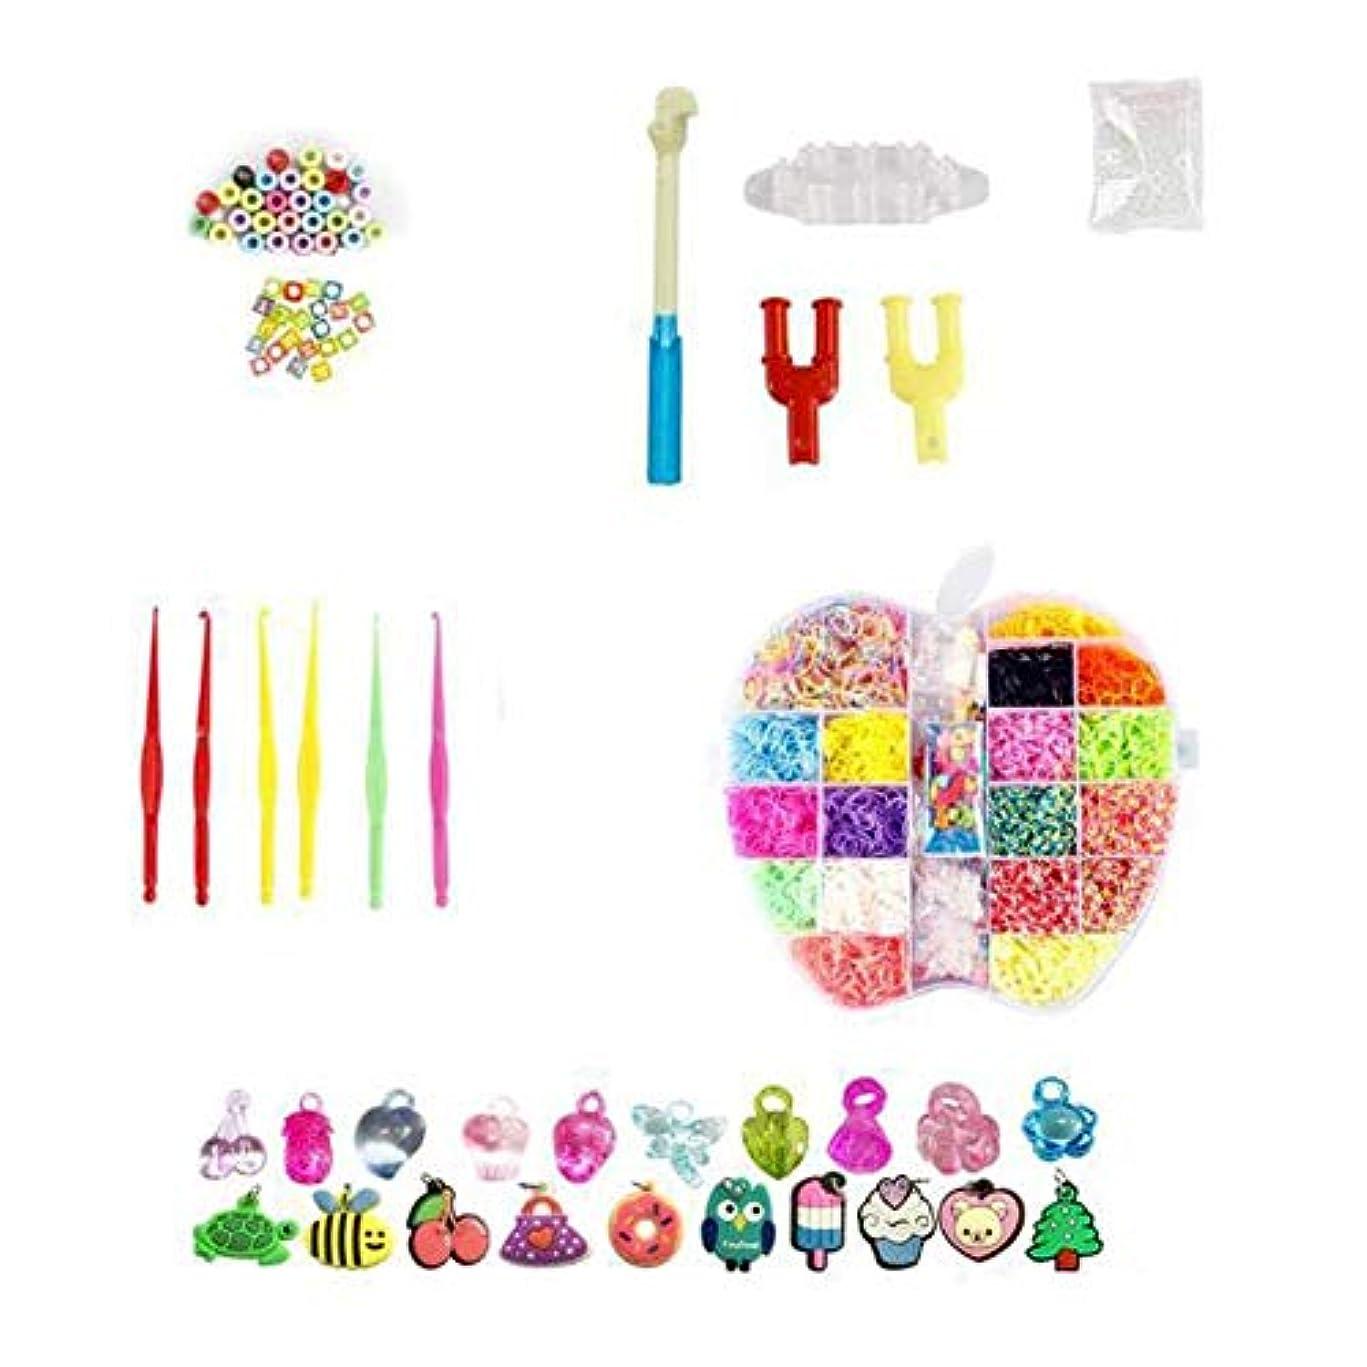 誰のテキスト汚染するAnkishi 子供6000PCSのための虹の織機のゴムバンド結め換え品のキットDIYの編むおもちゃ